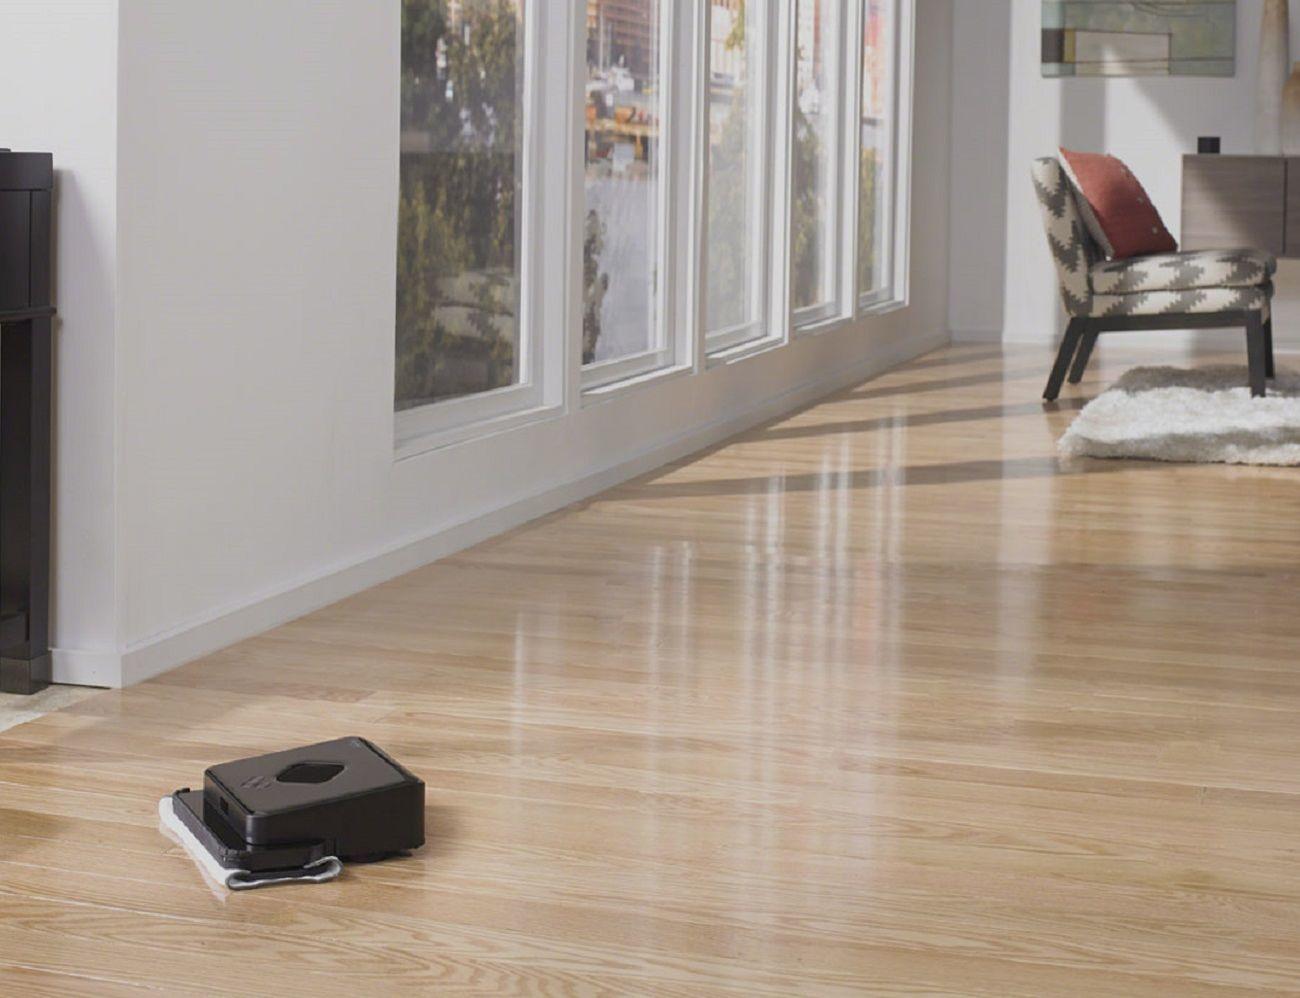 Braava iRobot 380t Floor Mopping Robot  Gadget Flow